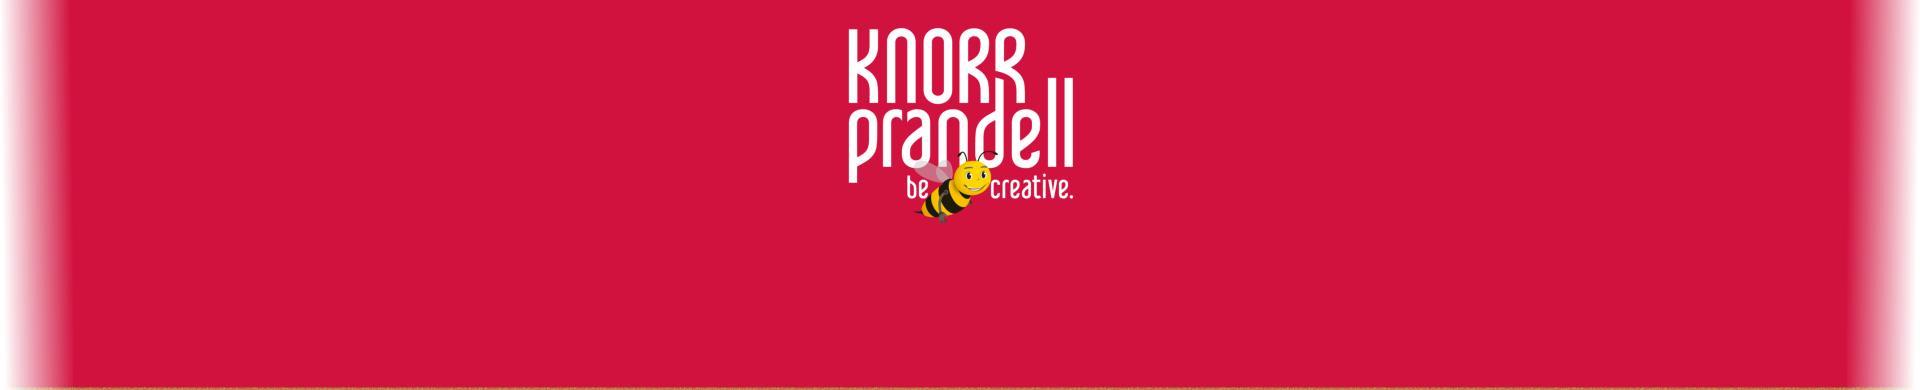 Knorr Prandell